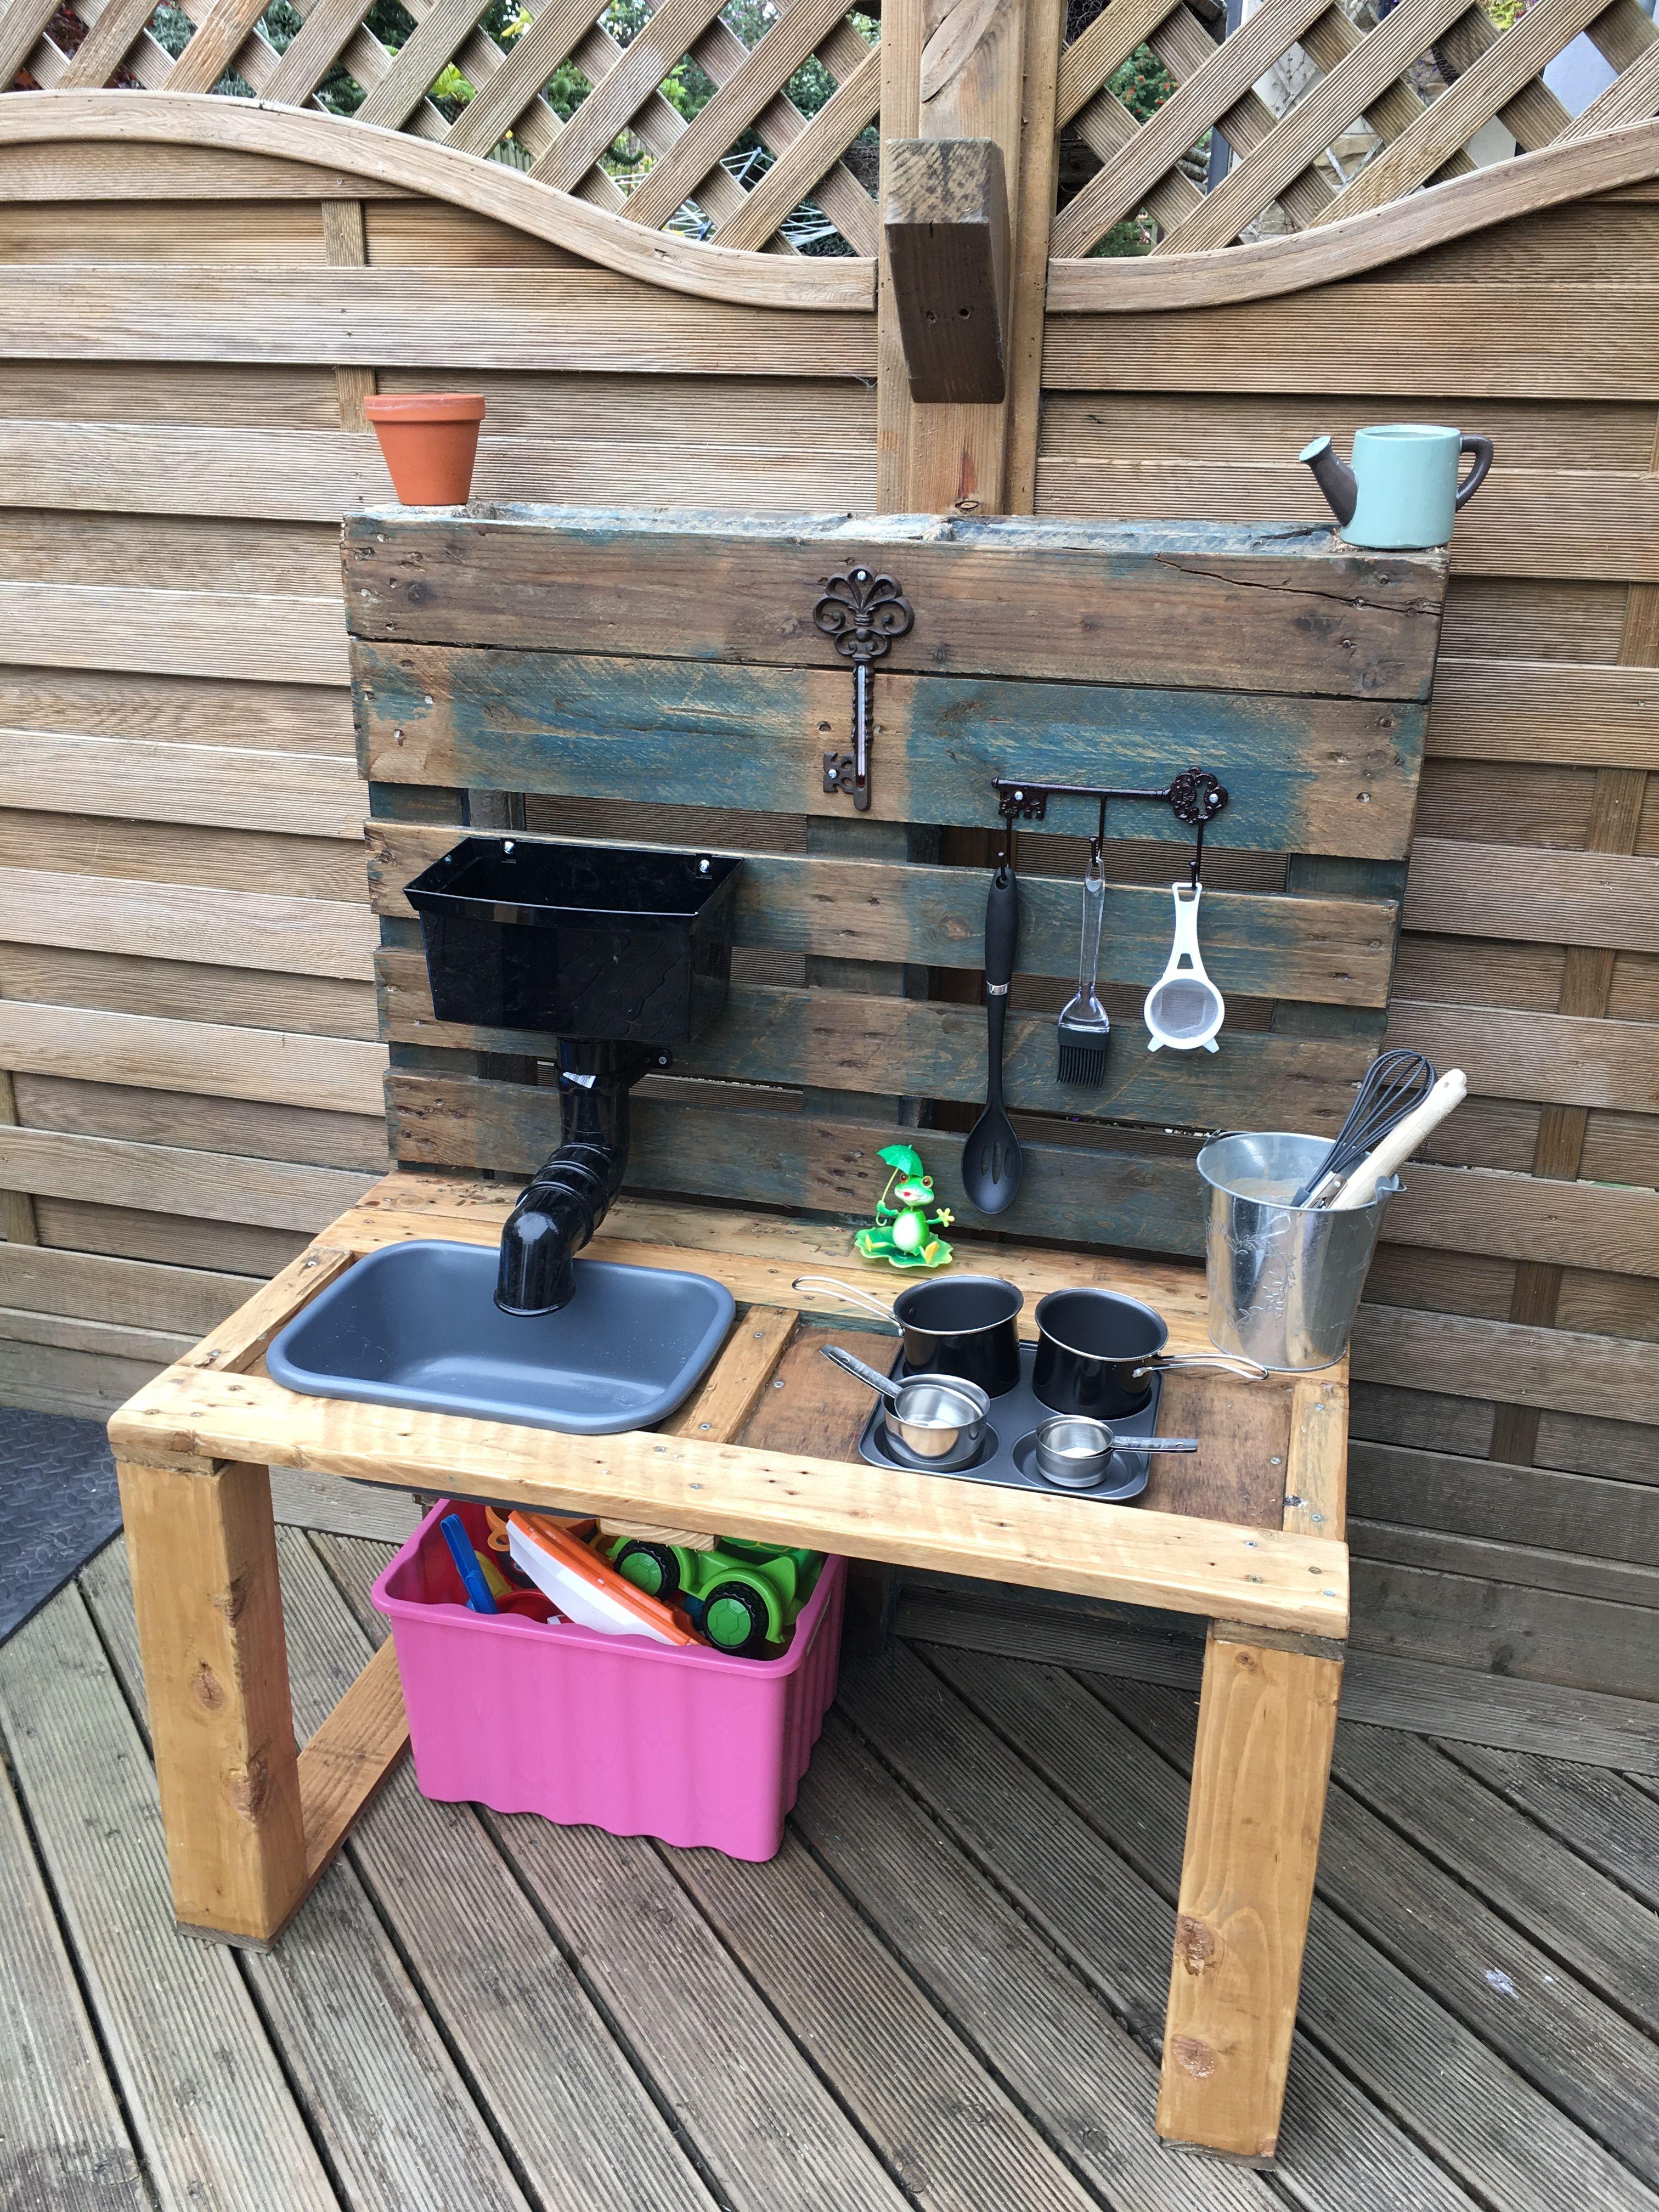 Mud Kitchen Done Mud Kitchen Outdoor Play Kitchen Diy Mud Kitchen